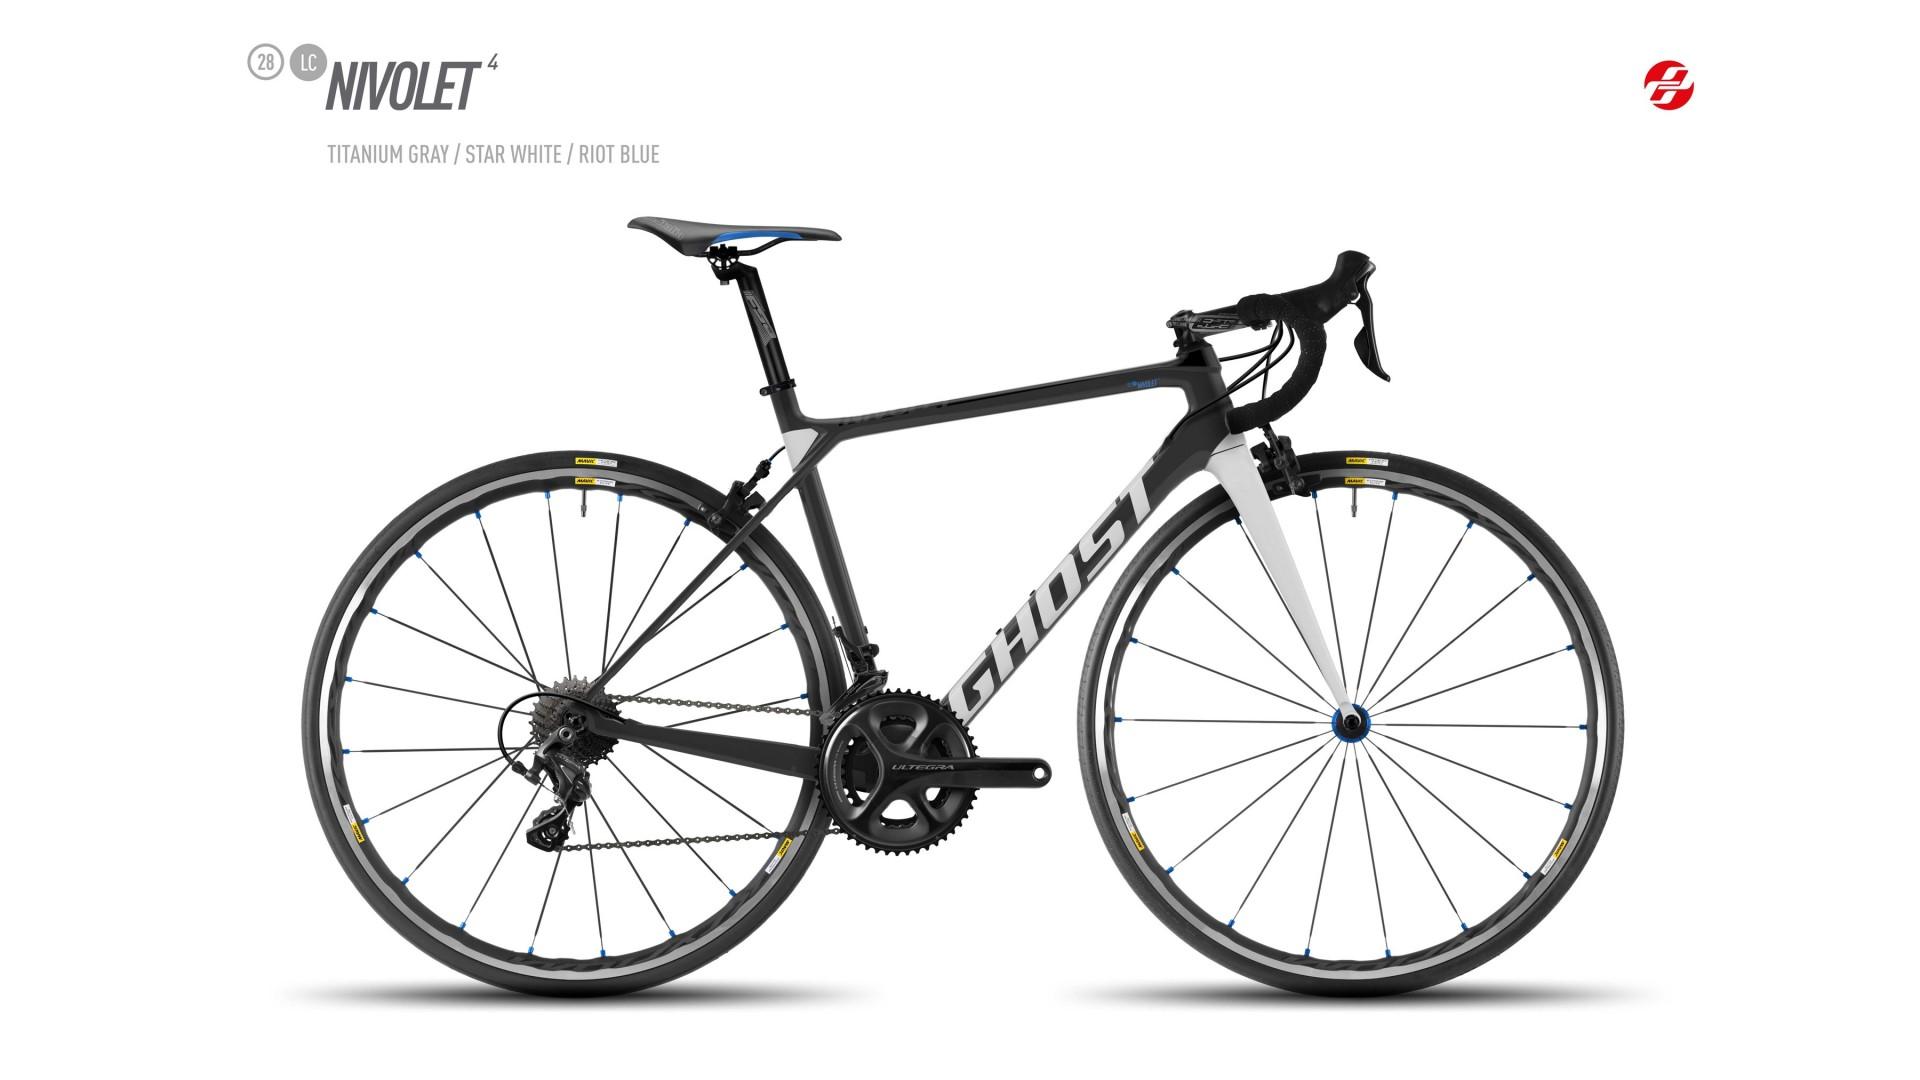 Велосипед GHOST Nivolet 4 LC 28 titaniumgrey/starwhite/riotblue год 2017